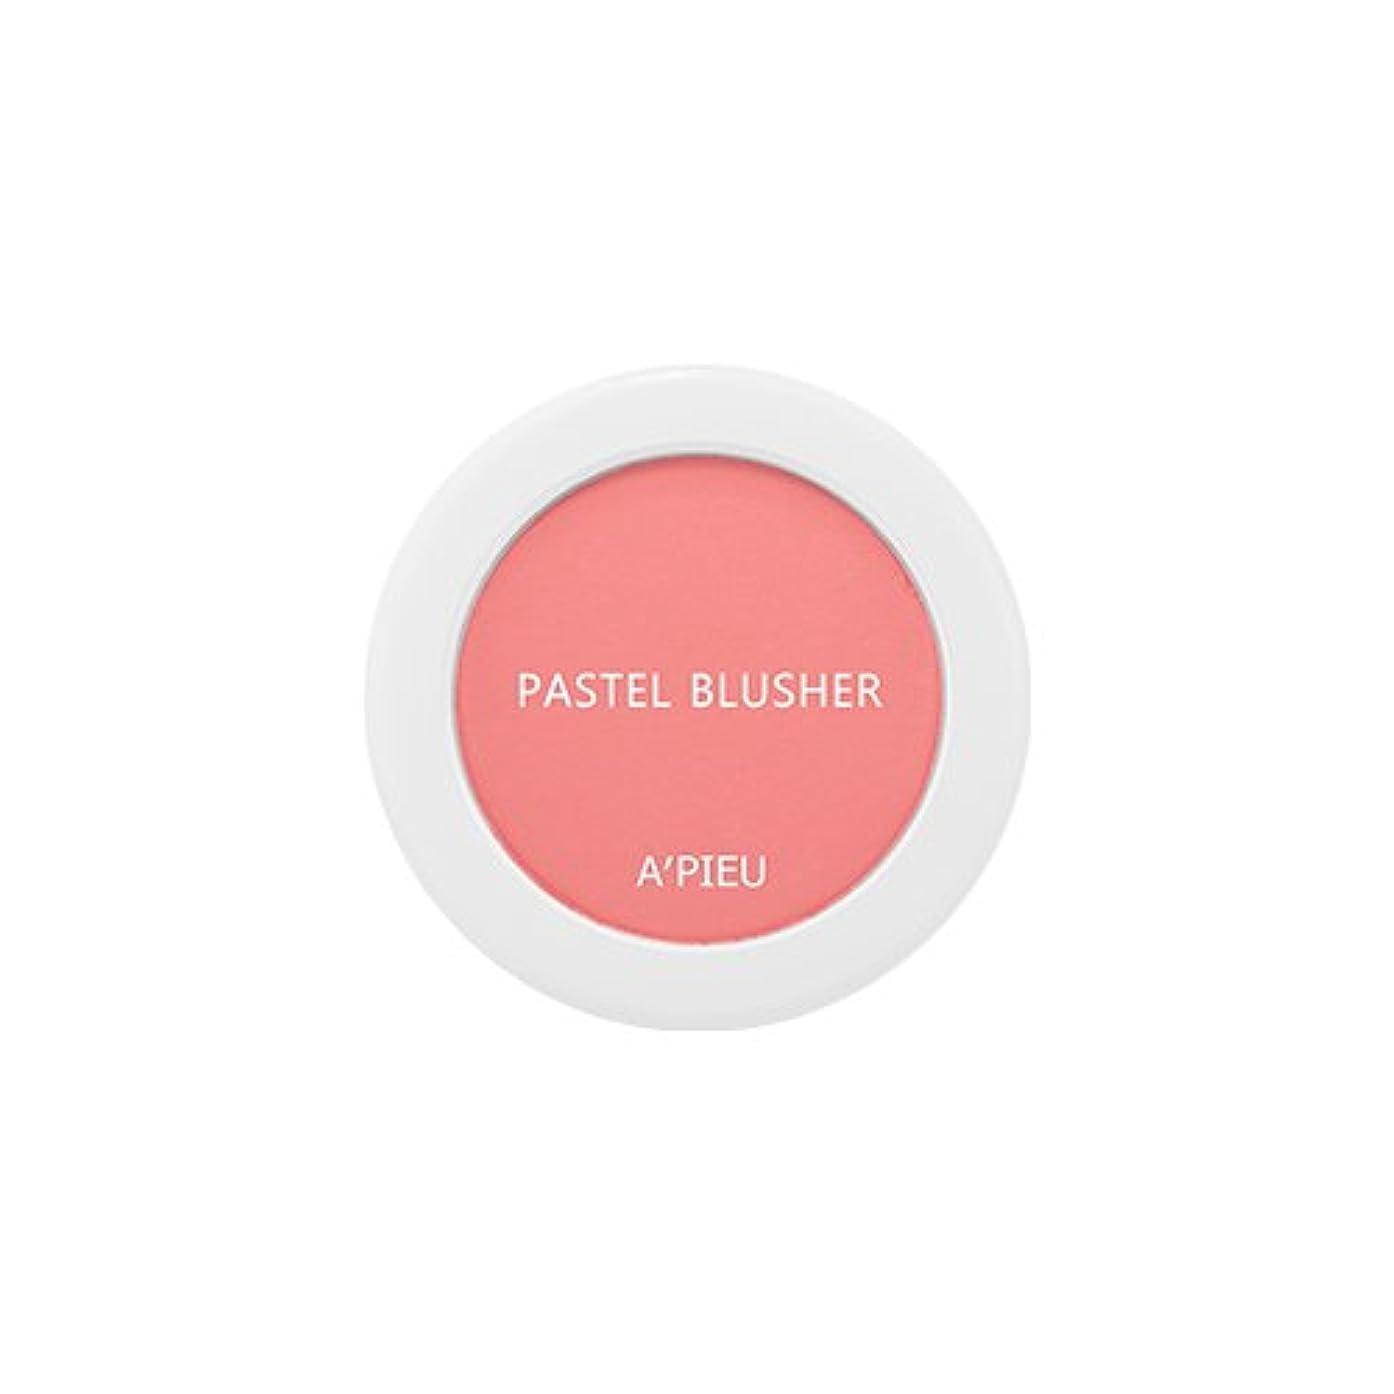 びっくりしたチャンバーインポートアピュ[APIEU] Pastel Blusher パステル ブラッシャー (CR01) [並行輸入品]